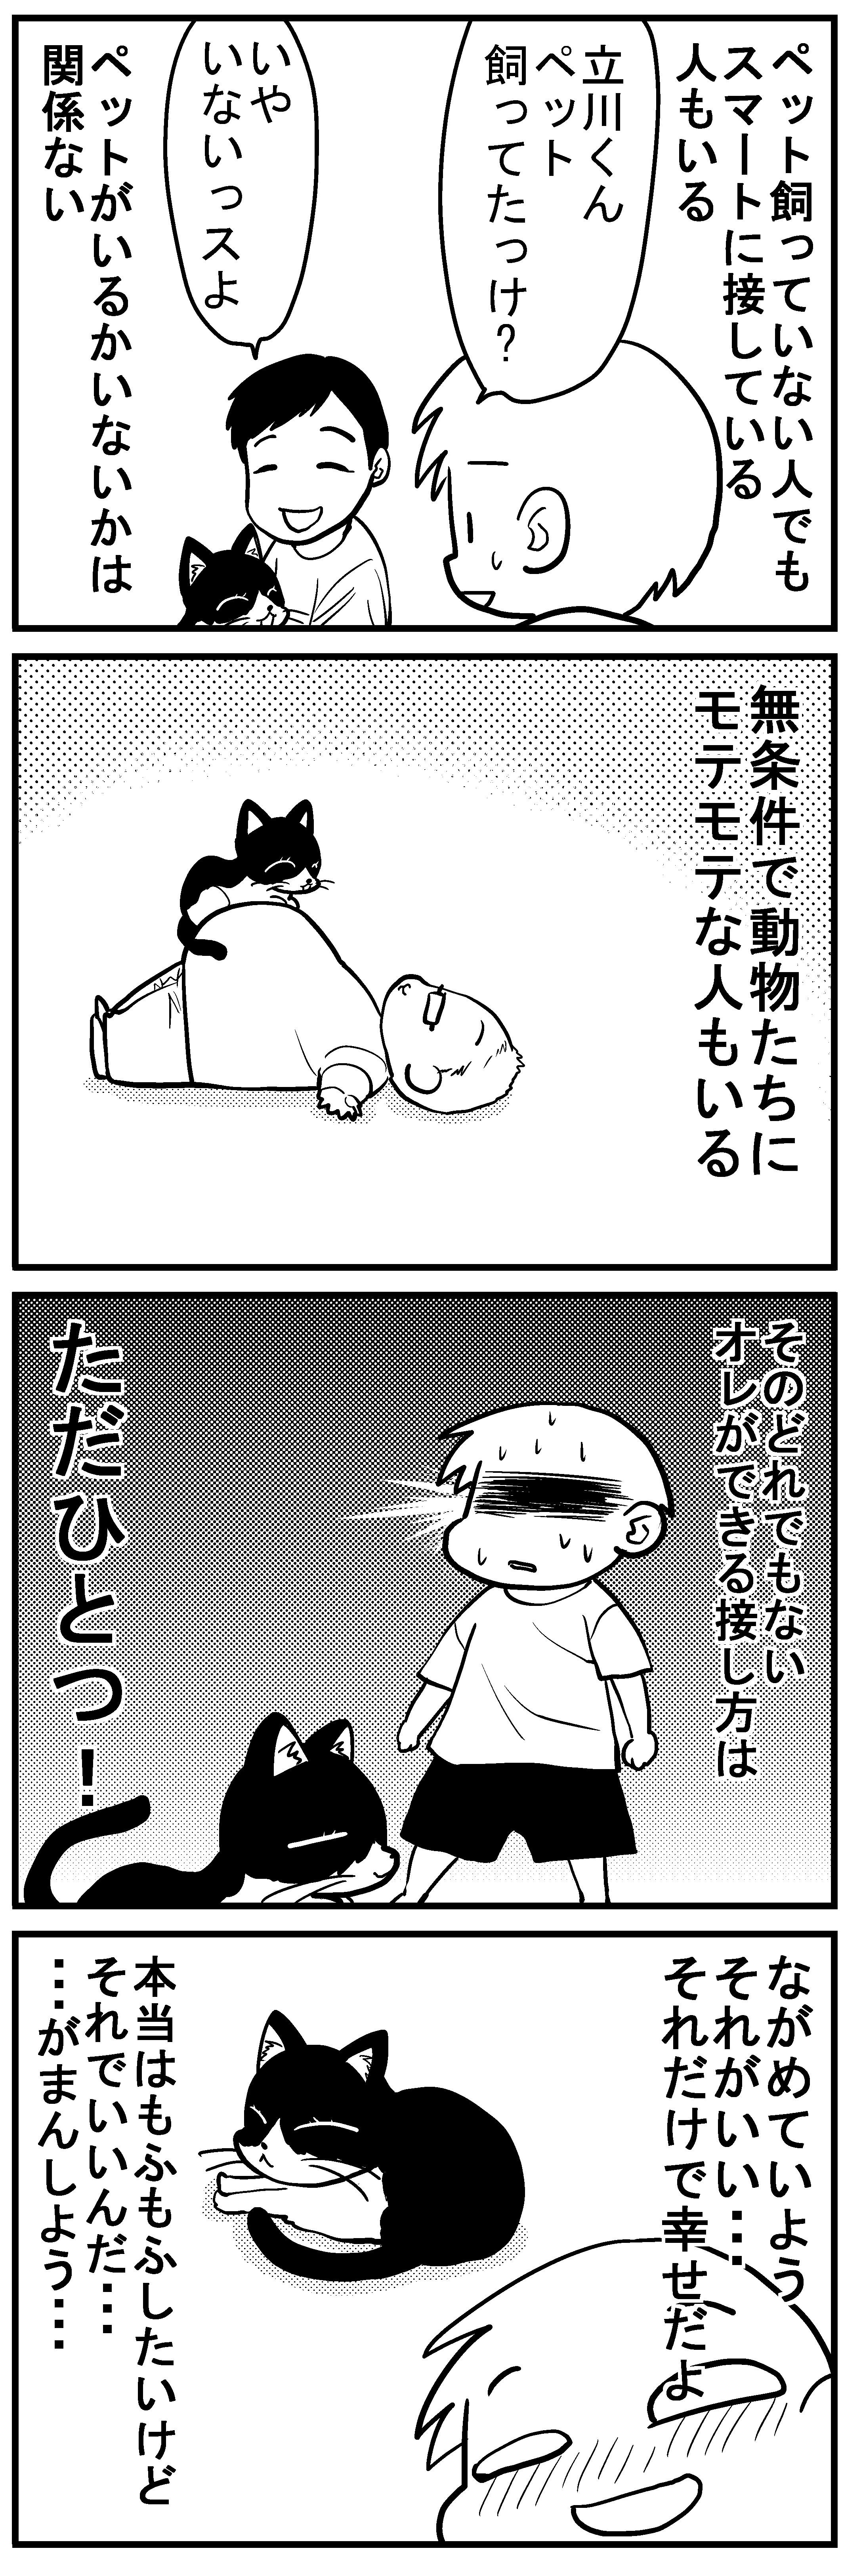 深読みくん第12弾 の2ページ目_mini